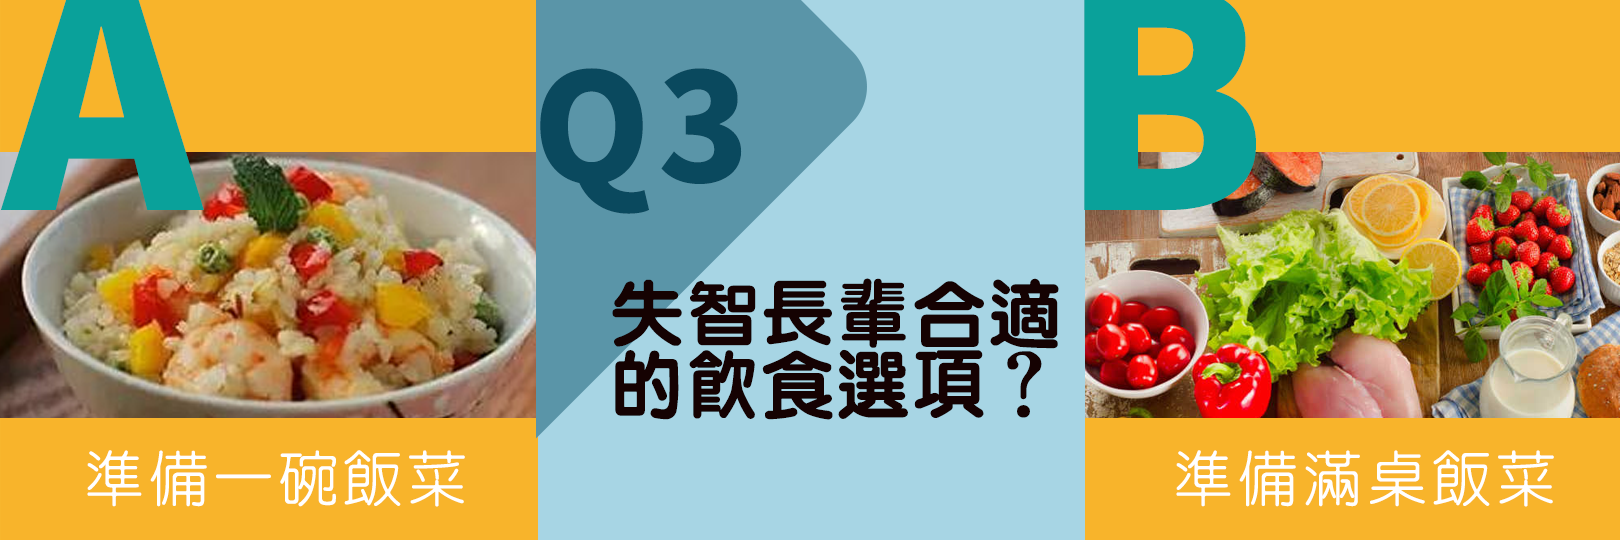 Q3:失智長輩合適的飲食選項?